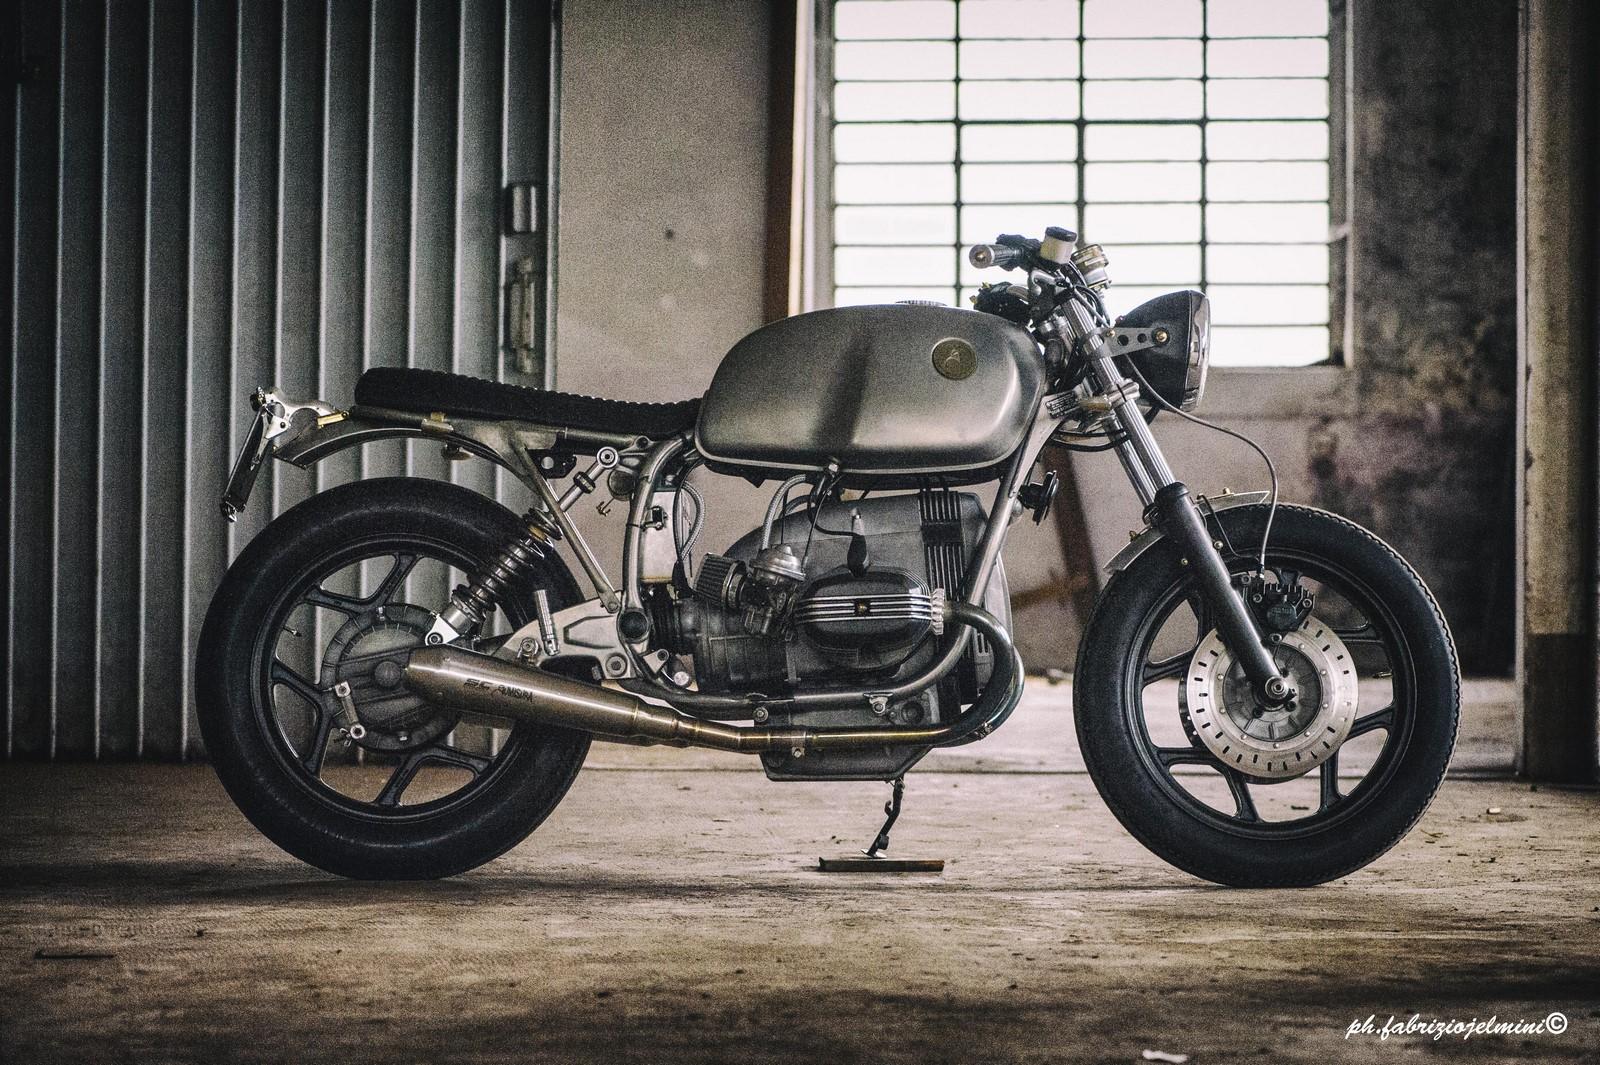 pourtant pas vulgaire professionnel de premier plan plus bas rabais Moto Sumisura LKN21 - RocketGarage - Cafe Racer Magazine